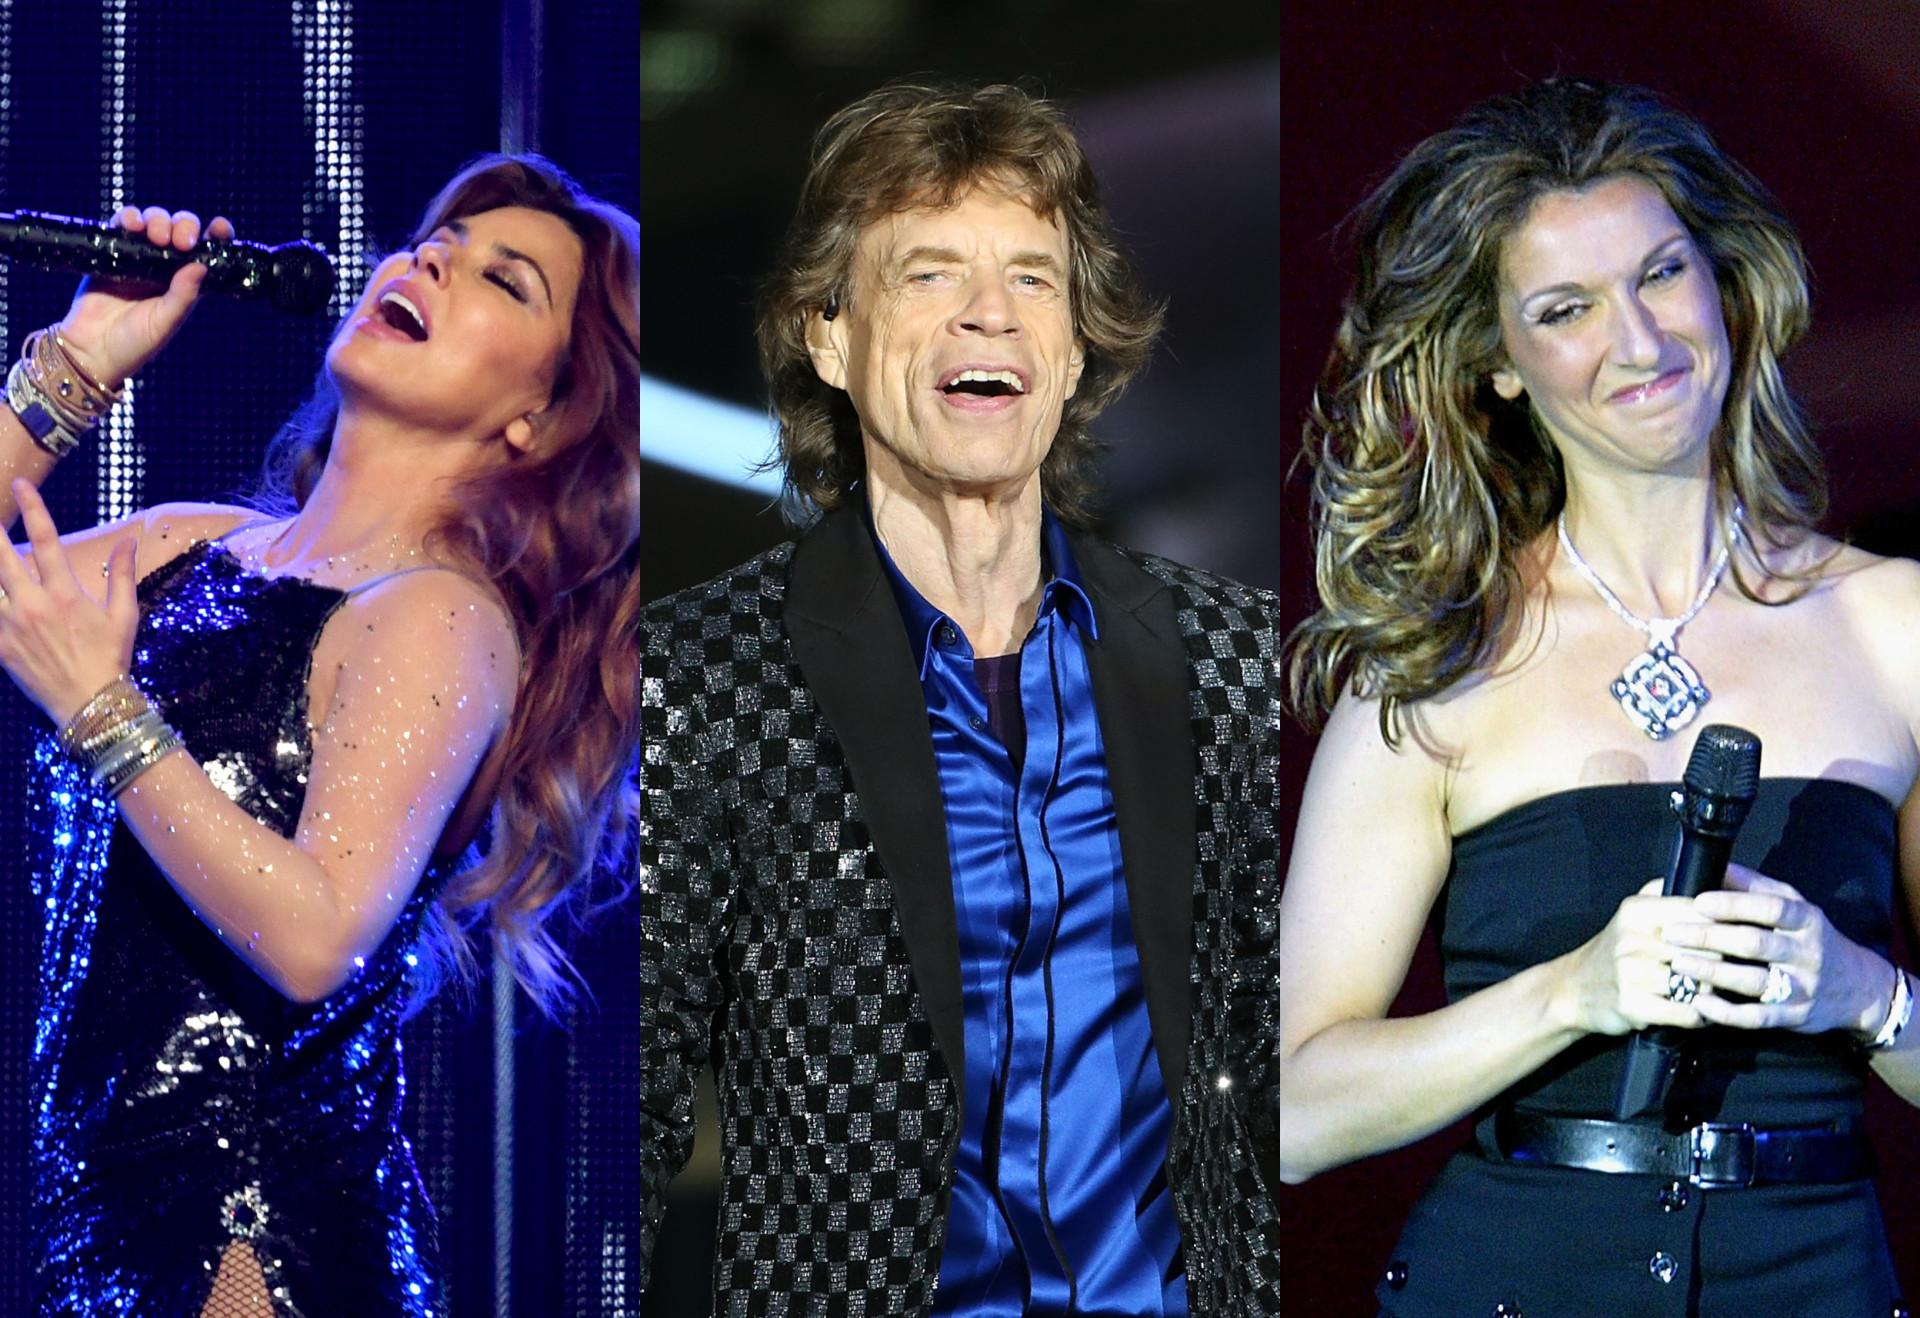 Saiba quem são os cantores mais (absurdamente) ricos de 2019